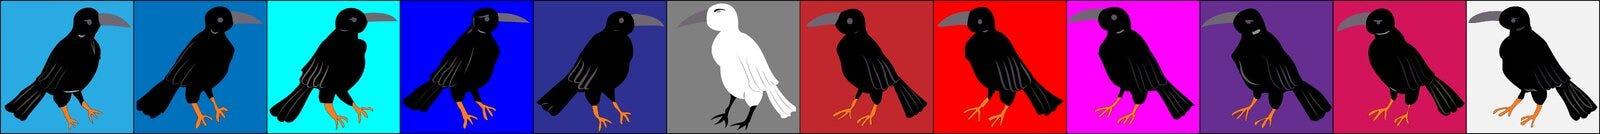 Οι κόρακες και τα κοράκια, ορντινάντσα οργάνωσαν στα χρωματισμένα τετράγωνα σειρά Στοκ Εικόνα